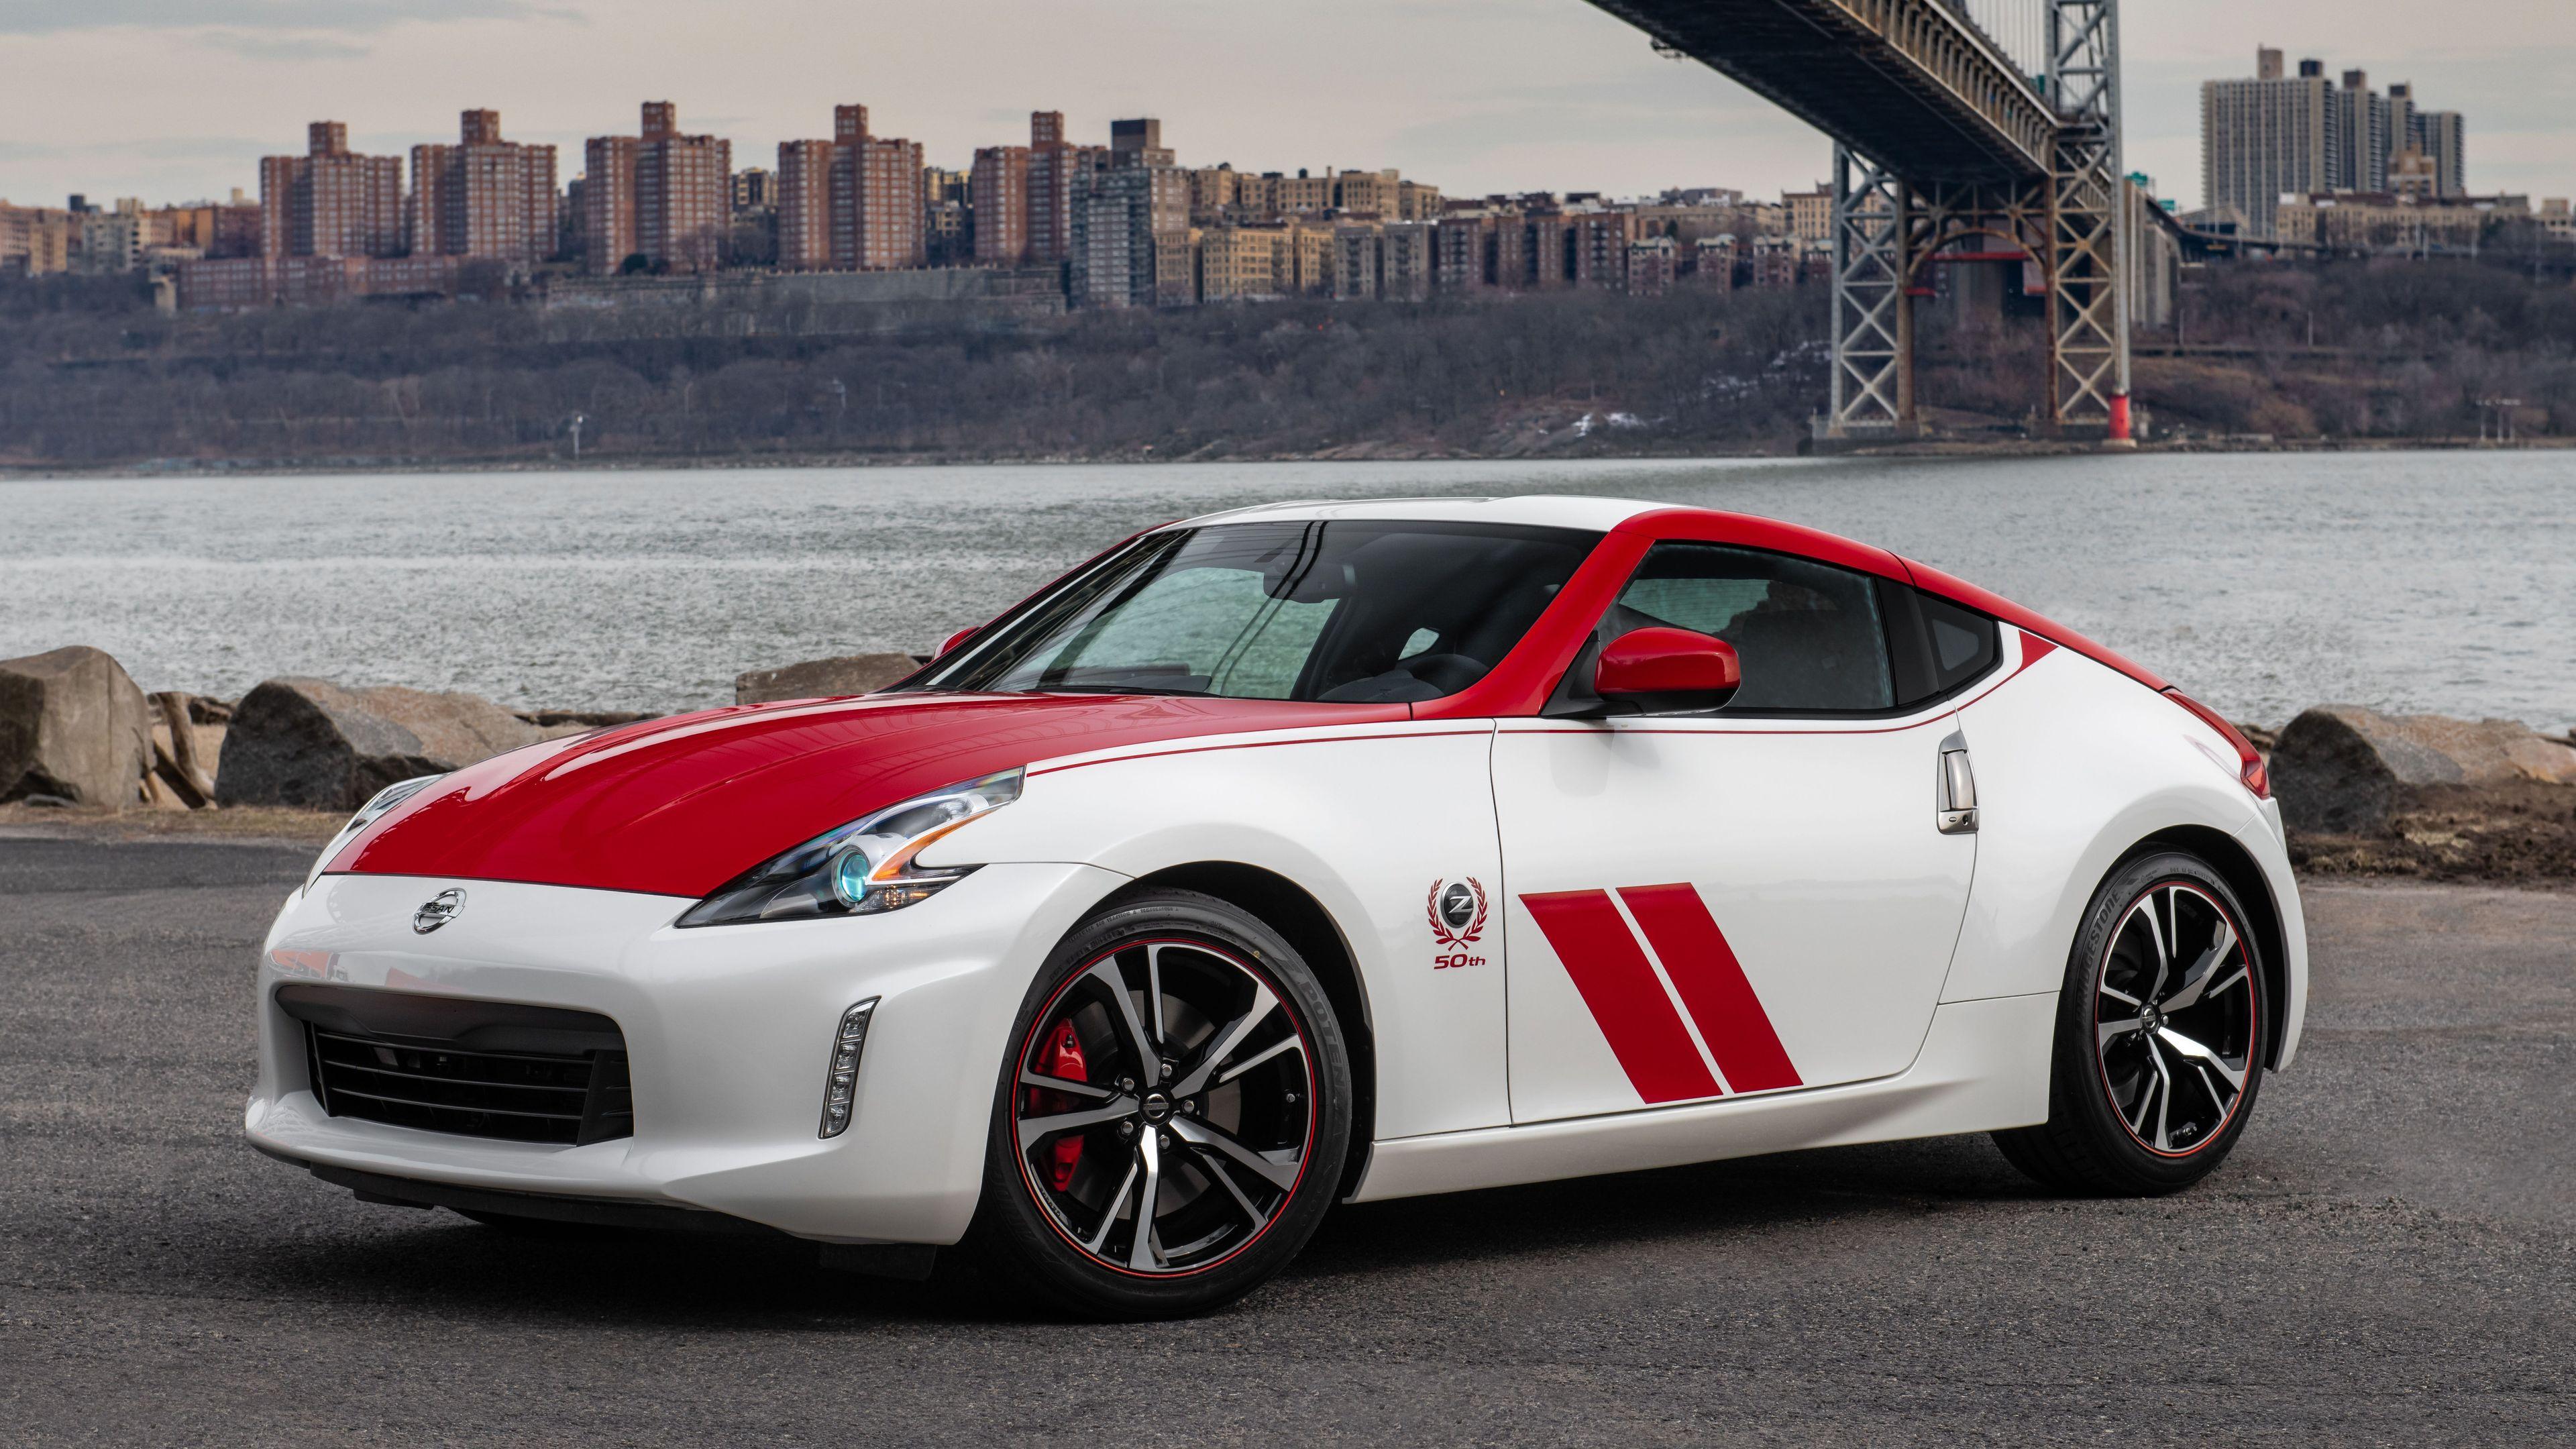 2020 nissan 370z 4k 1556185352 - 2020 Nissan 370Z 4k - nissan wallpapers, hd-wallpapers, cars wallpapers, 4k-wallpapers